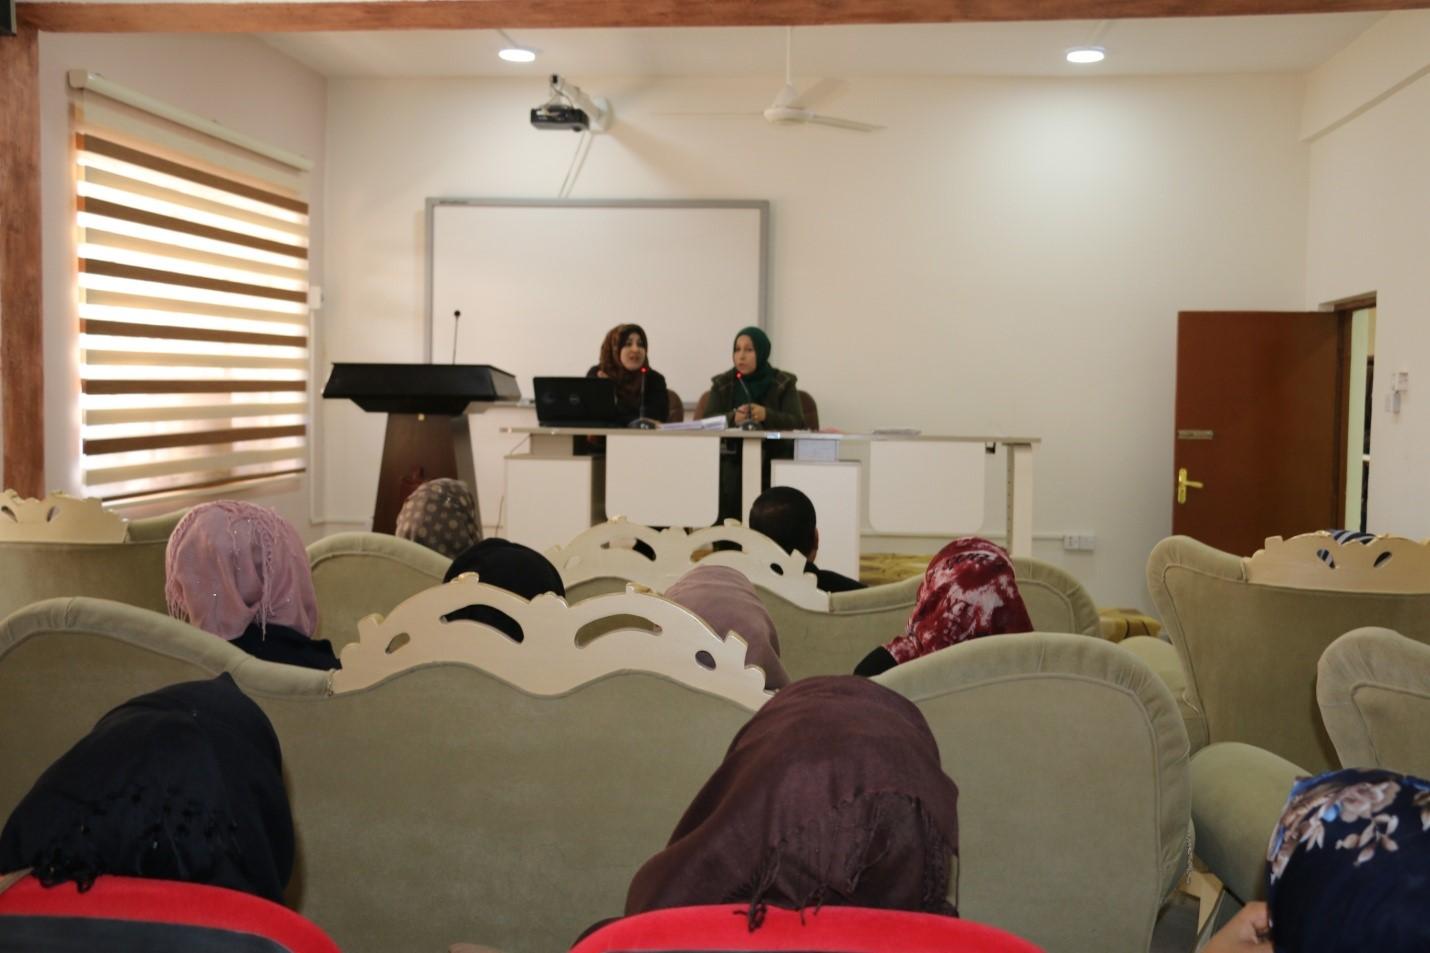 كلية التربية للبنات في جامعة القادسية تقيم حلقة نقاشية عن أساليب التوجيه والإرشاد النفسي